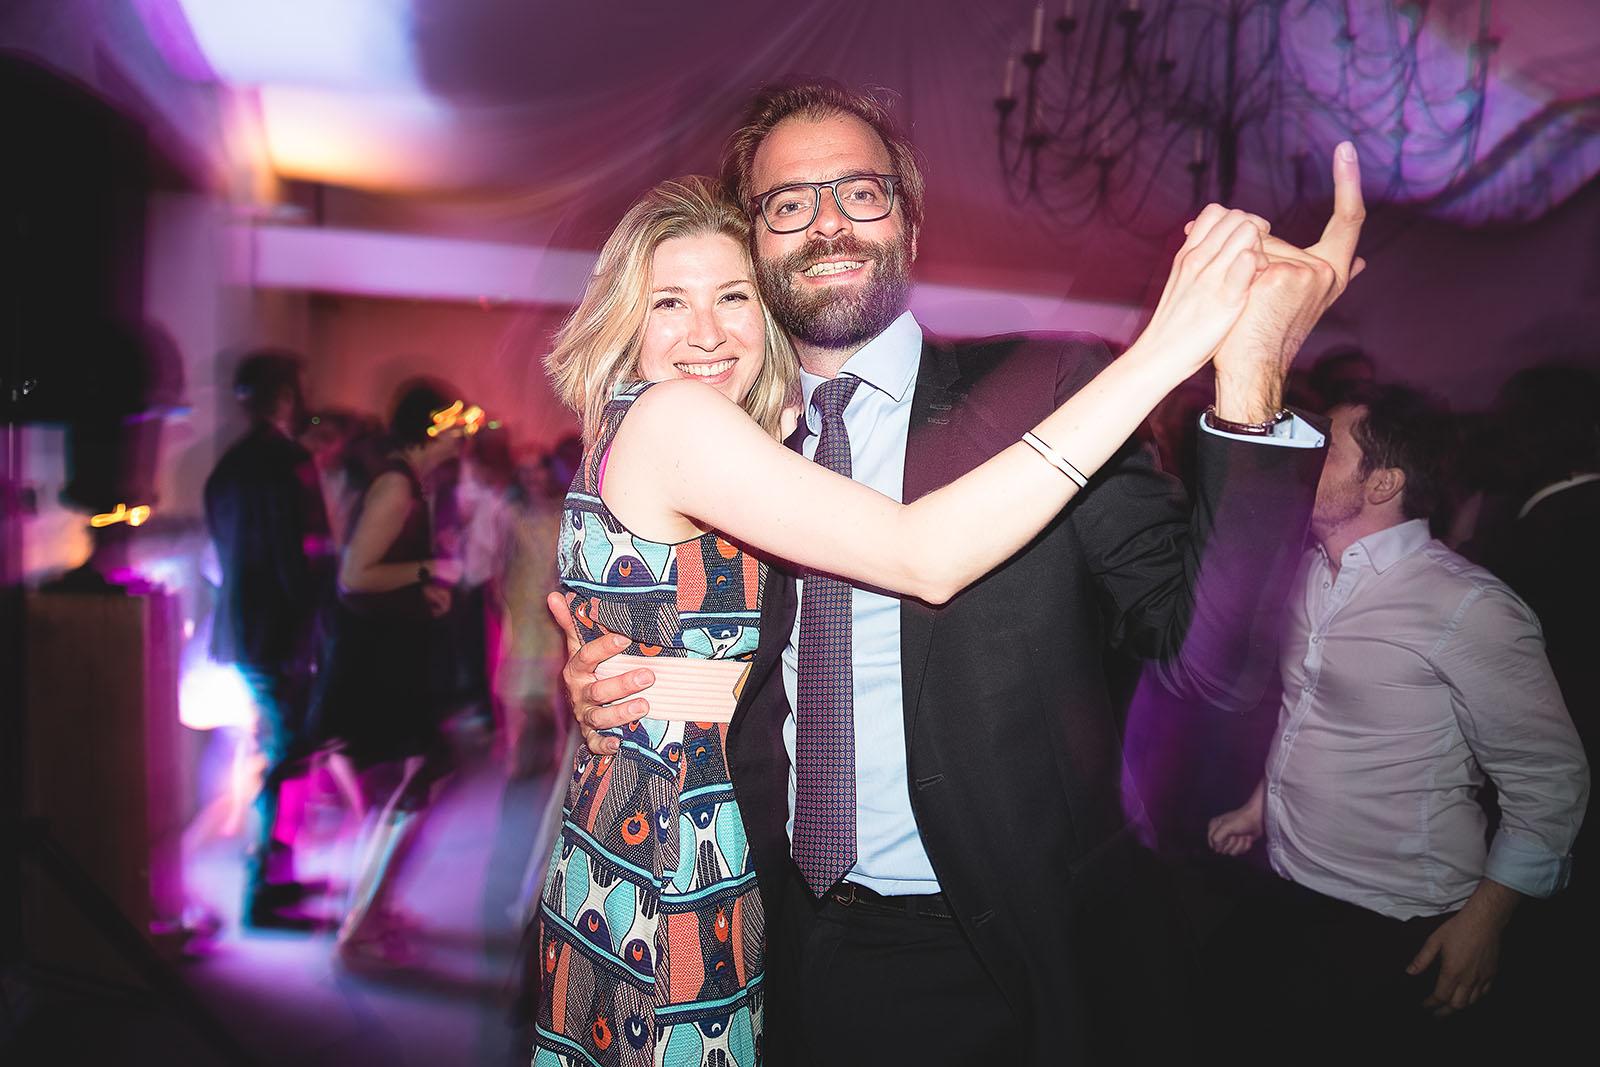 Mariage Château de Beauvoir. Un beau couple qui danse durant le mariage. David Pommier photographe de mariage Château de Beauvoir